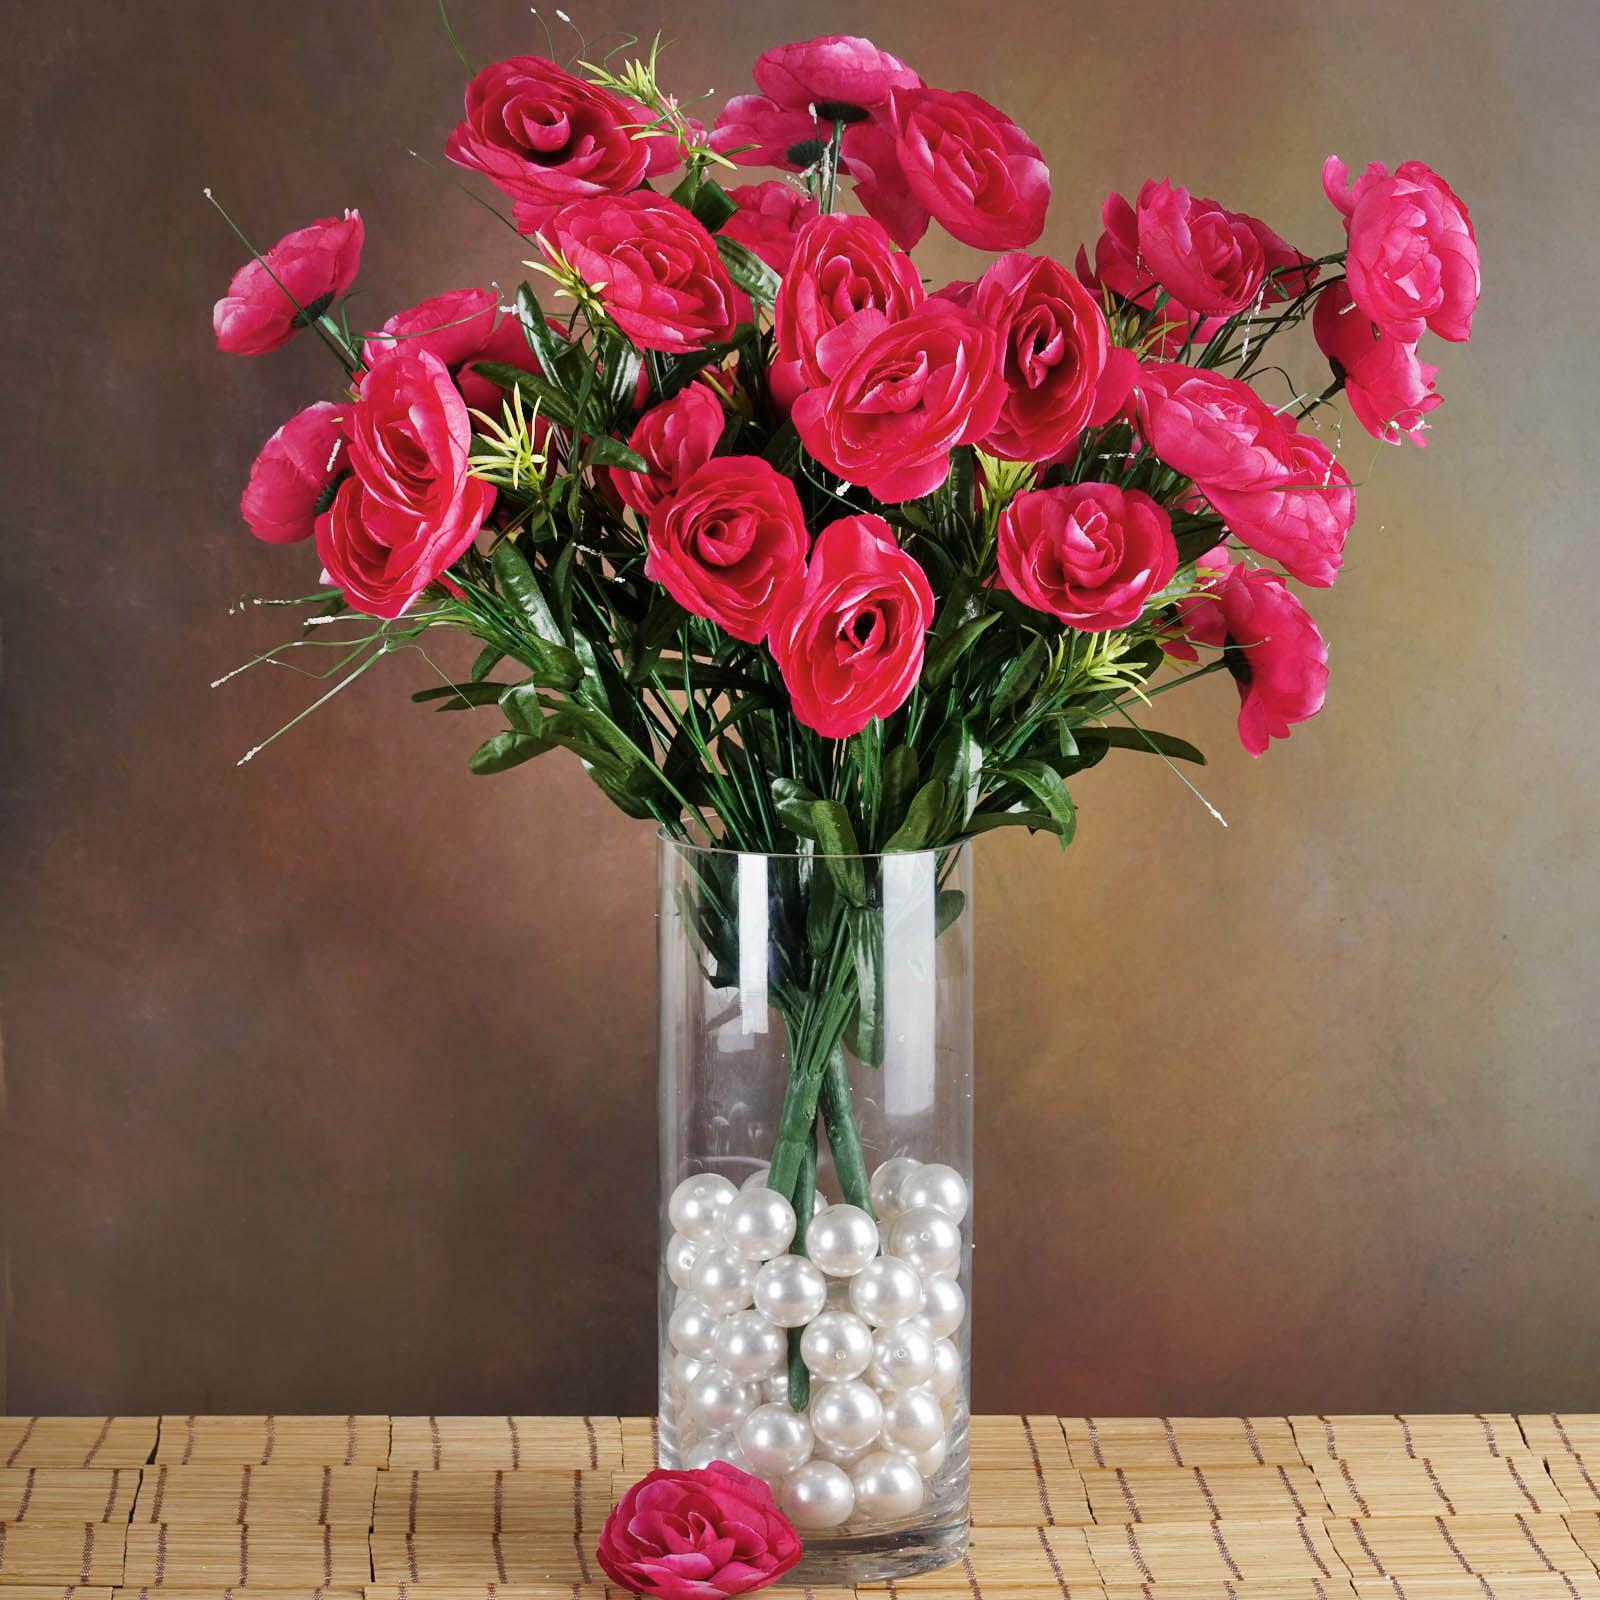 Efavormart 72 pcs Artificial RANUNCULUS Flowers for DIY Wedding Bouquets Centerpieces Arrangement Party Home Decorations - 4 bushes